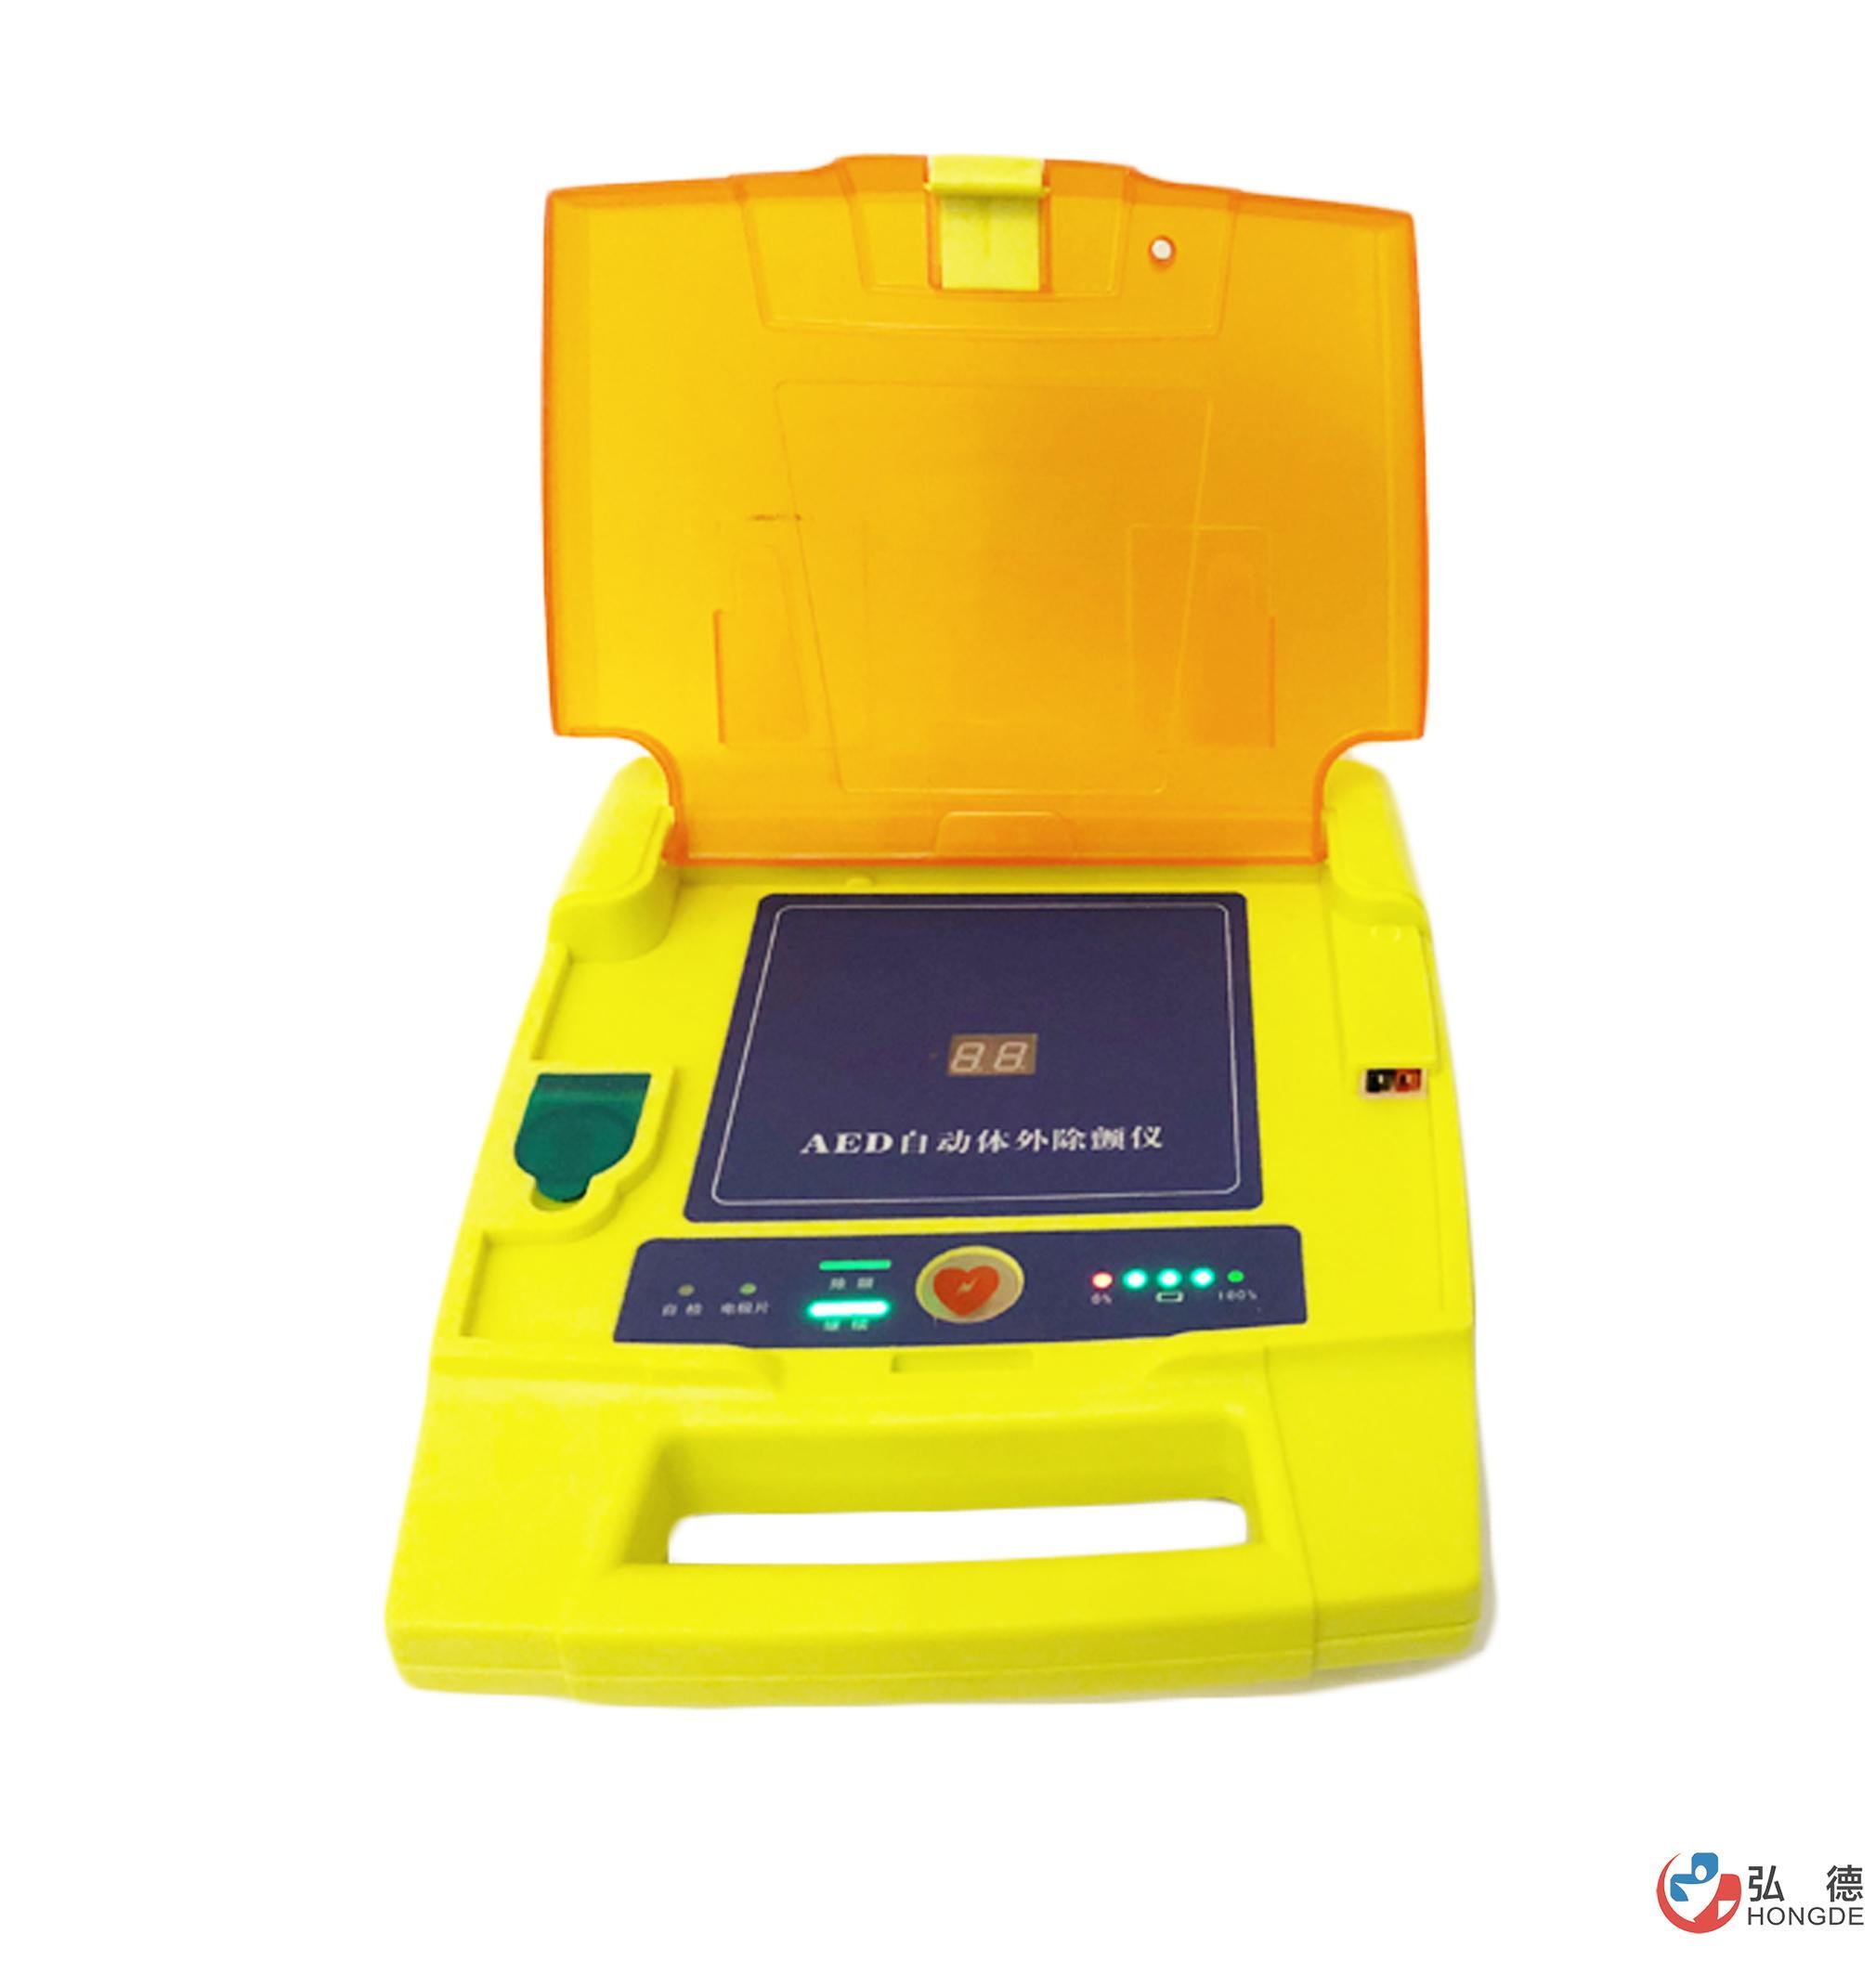 自动体外模拟除颤训练仪HD/AED98D